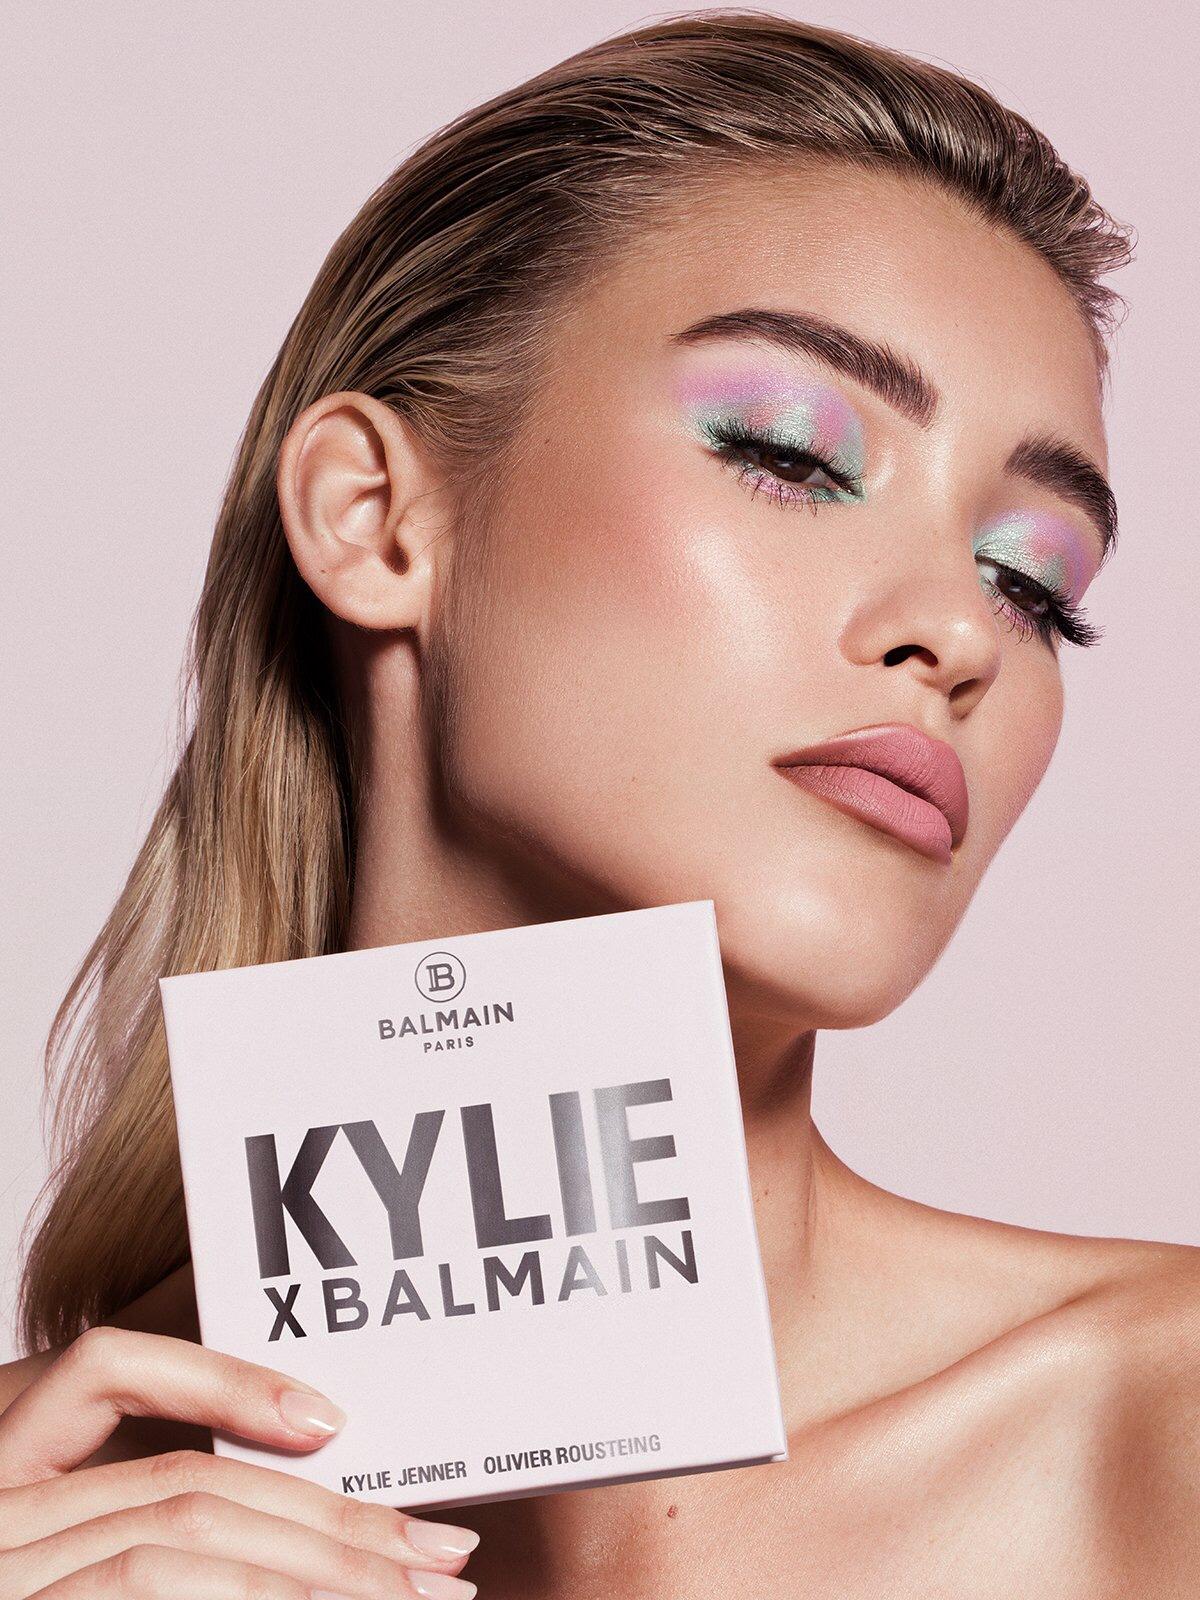 Kylie x Bailmain